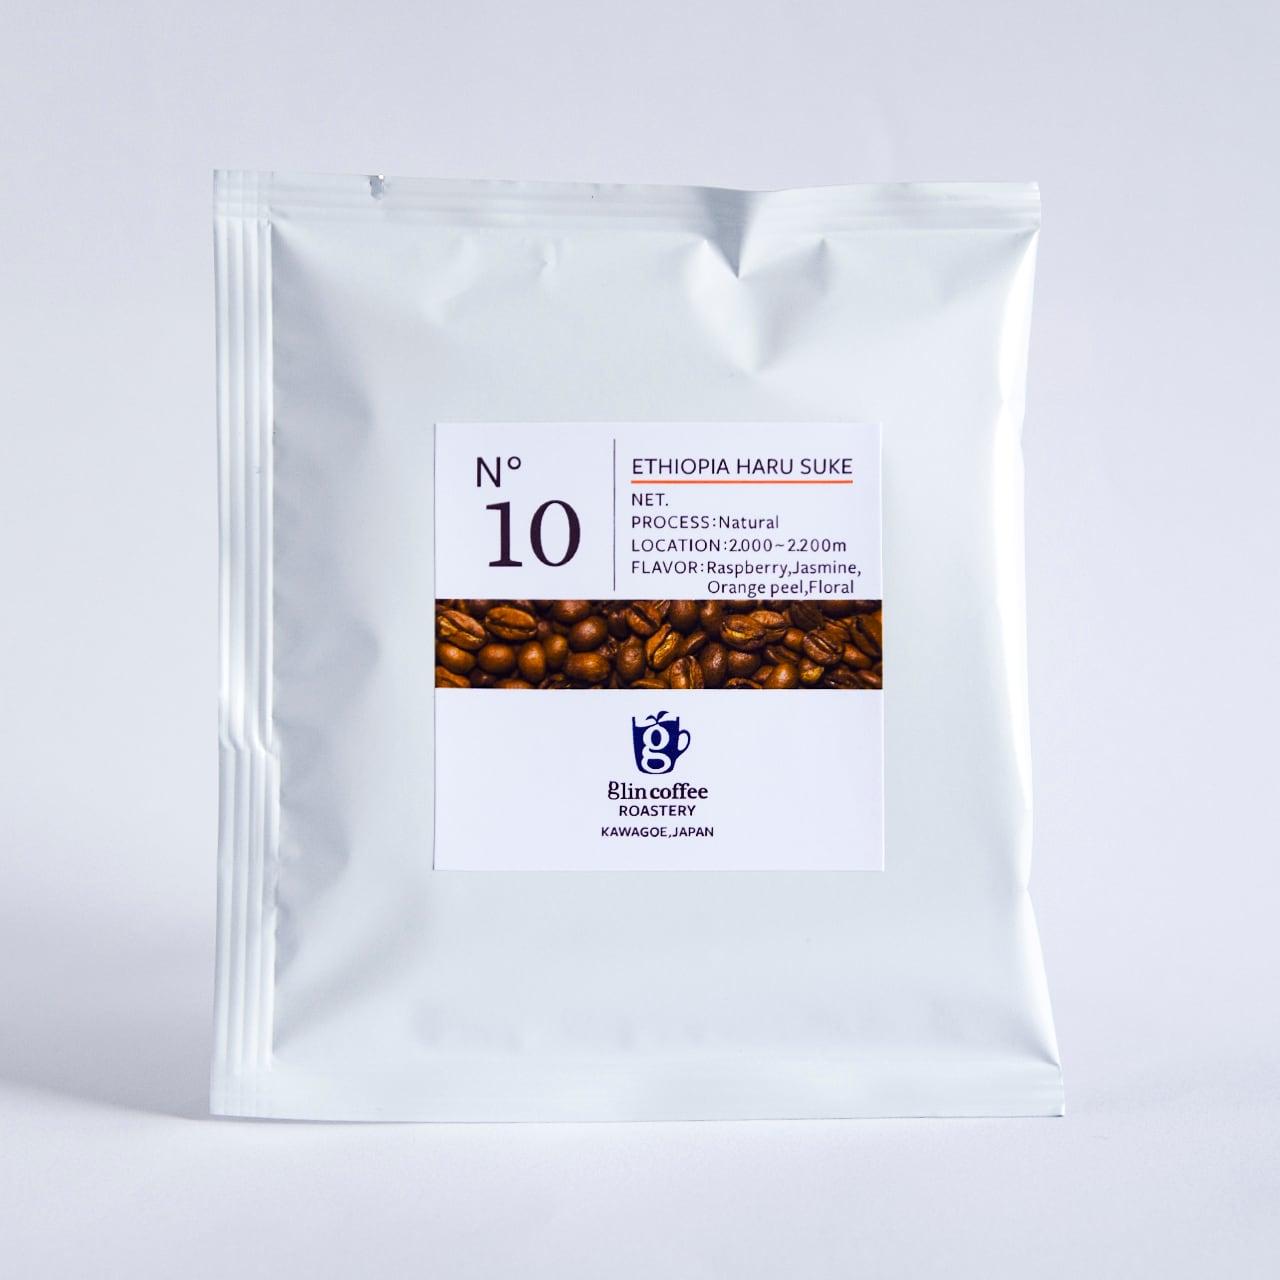 ディップスタイルコーヒー No.10  エチオピア ハルスケ